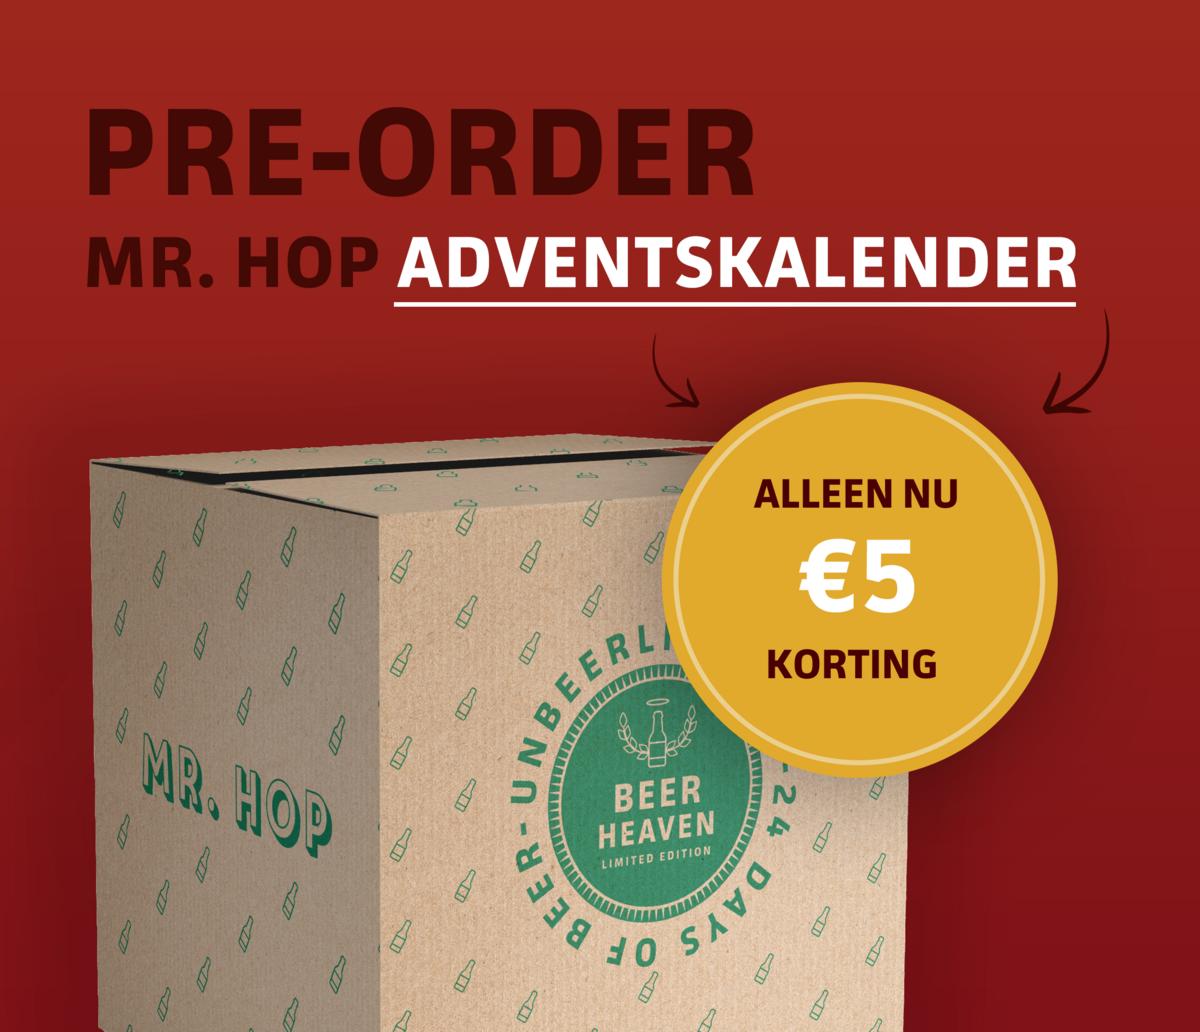 Pre-order nu onze Bier Adventskalender met korting